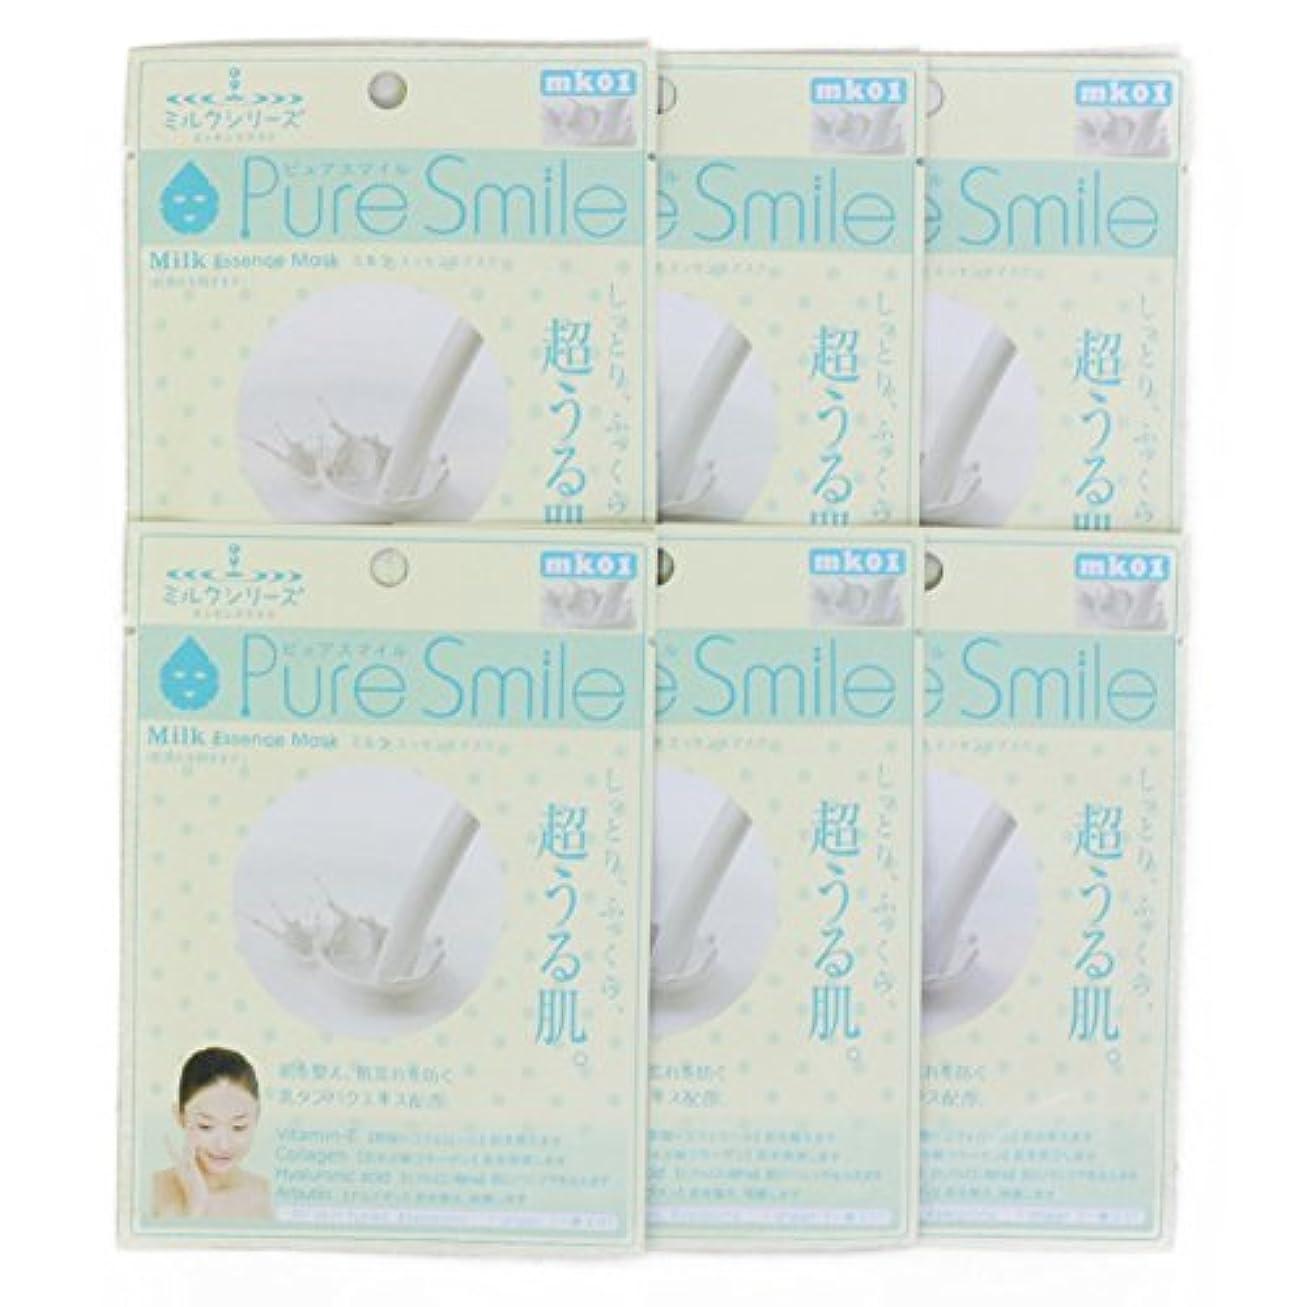 関係ない方向タンパク質Pure Smile ピュアスマイル ミルクエッセンスマスク ミルク 6枚セット